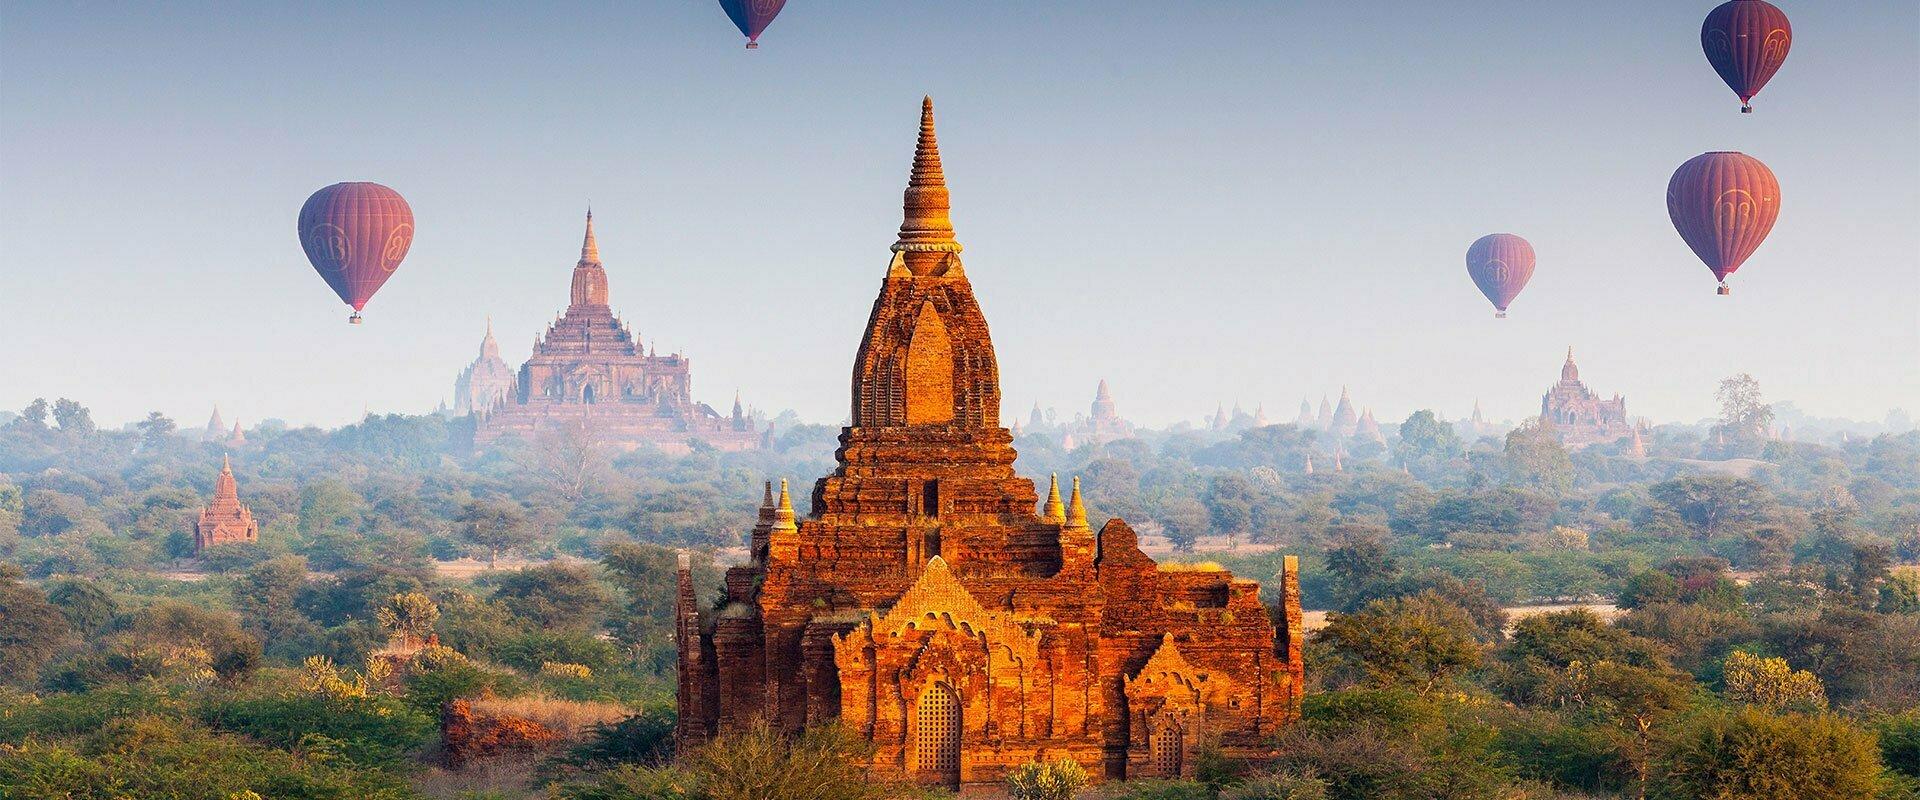 Bagan et ses montgolfières en Birmanie